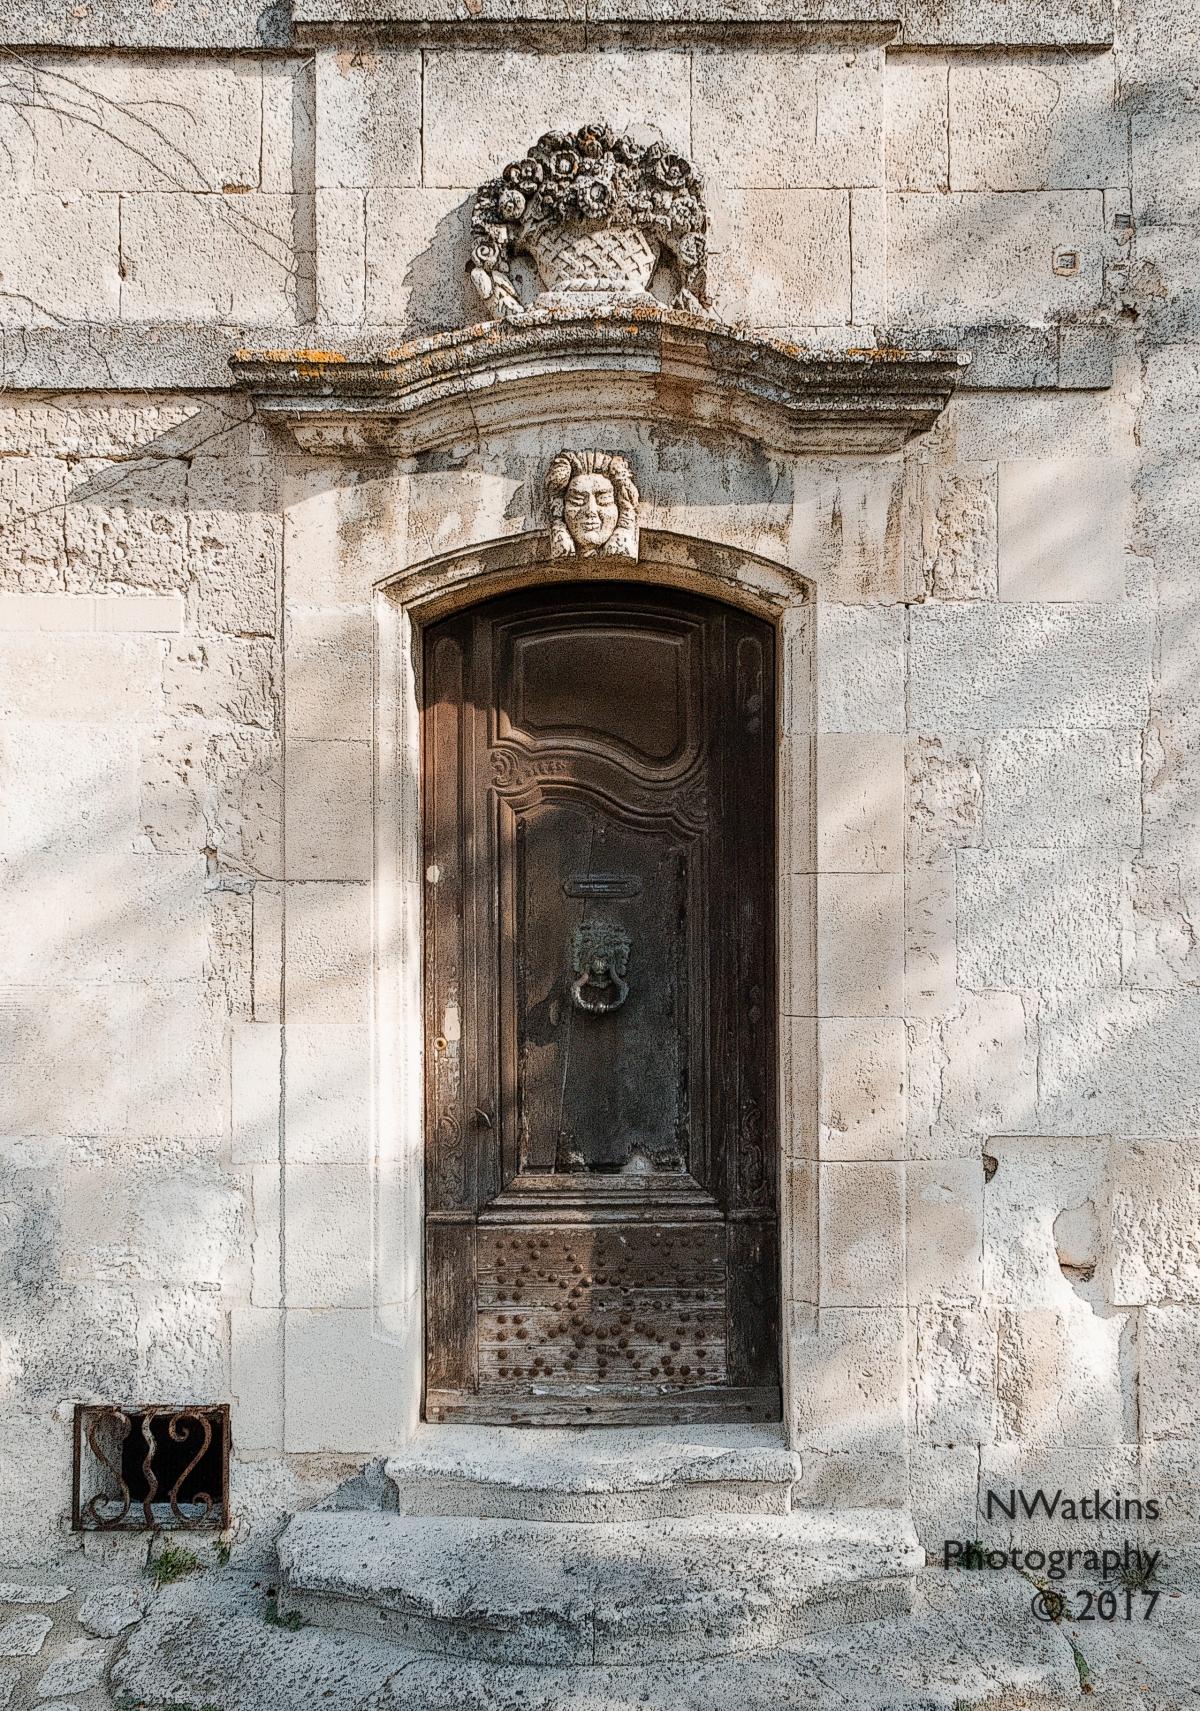 d4-baux-de-provence-door-cw